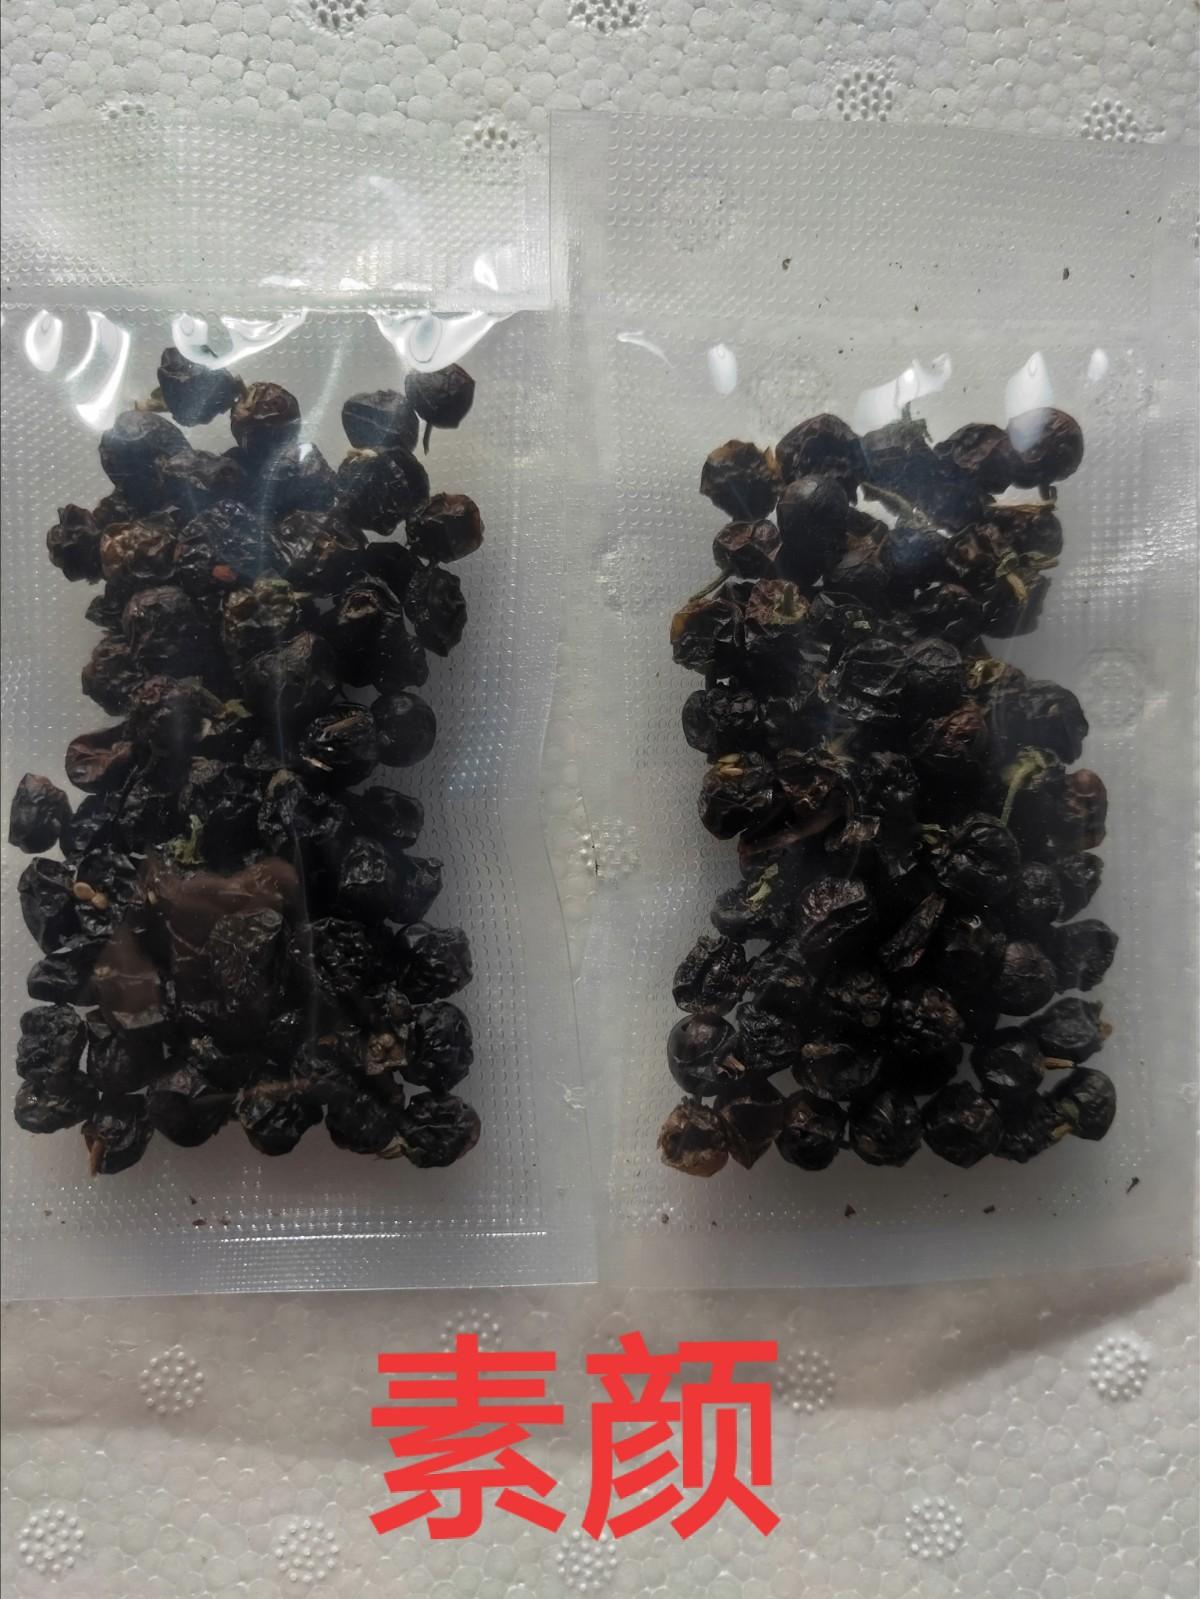 野生龙葵果干品中药材50克包邮龙葵野葡萄黑天天黑悠悠野水果